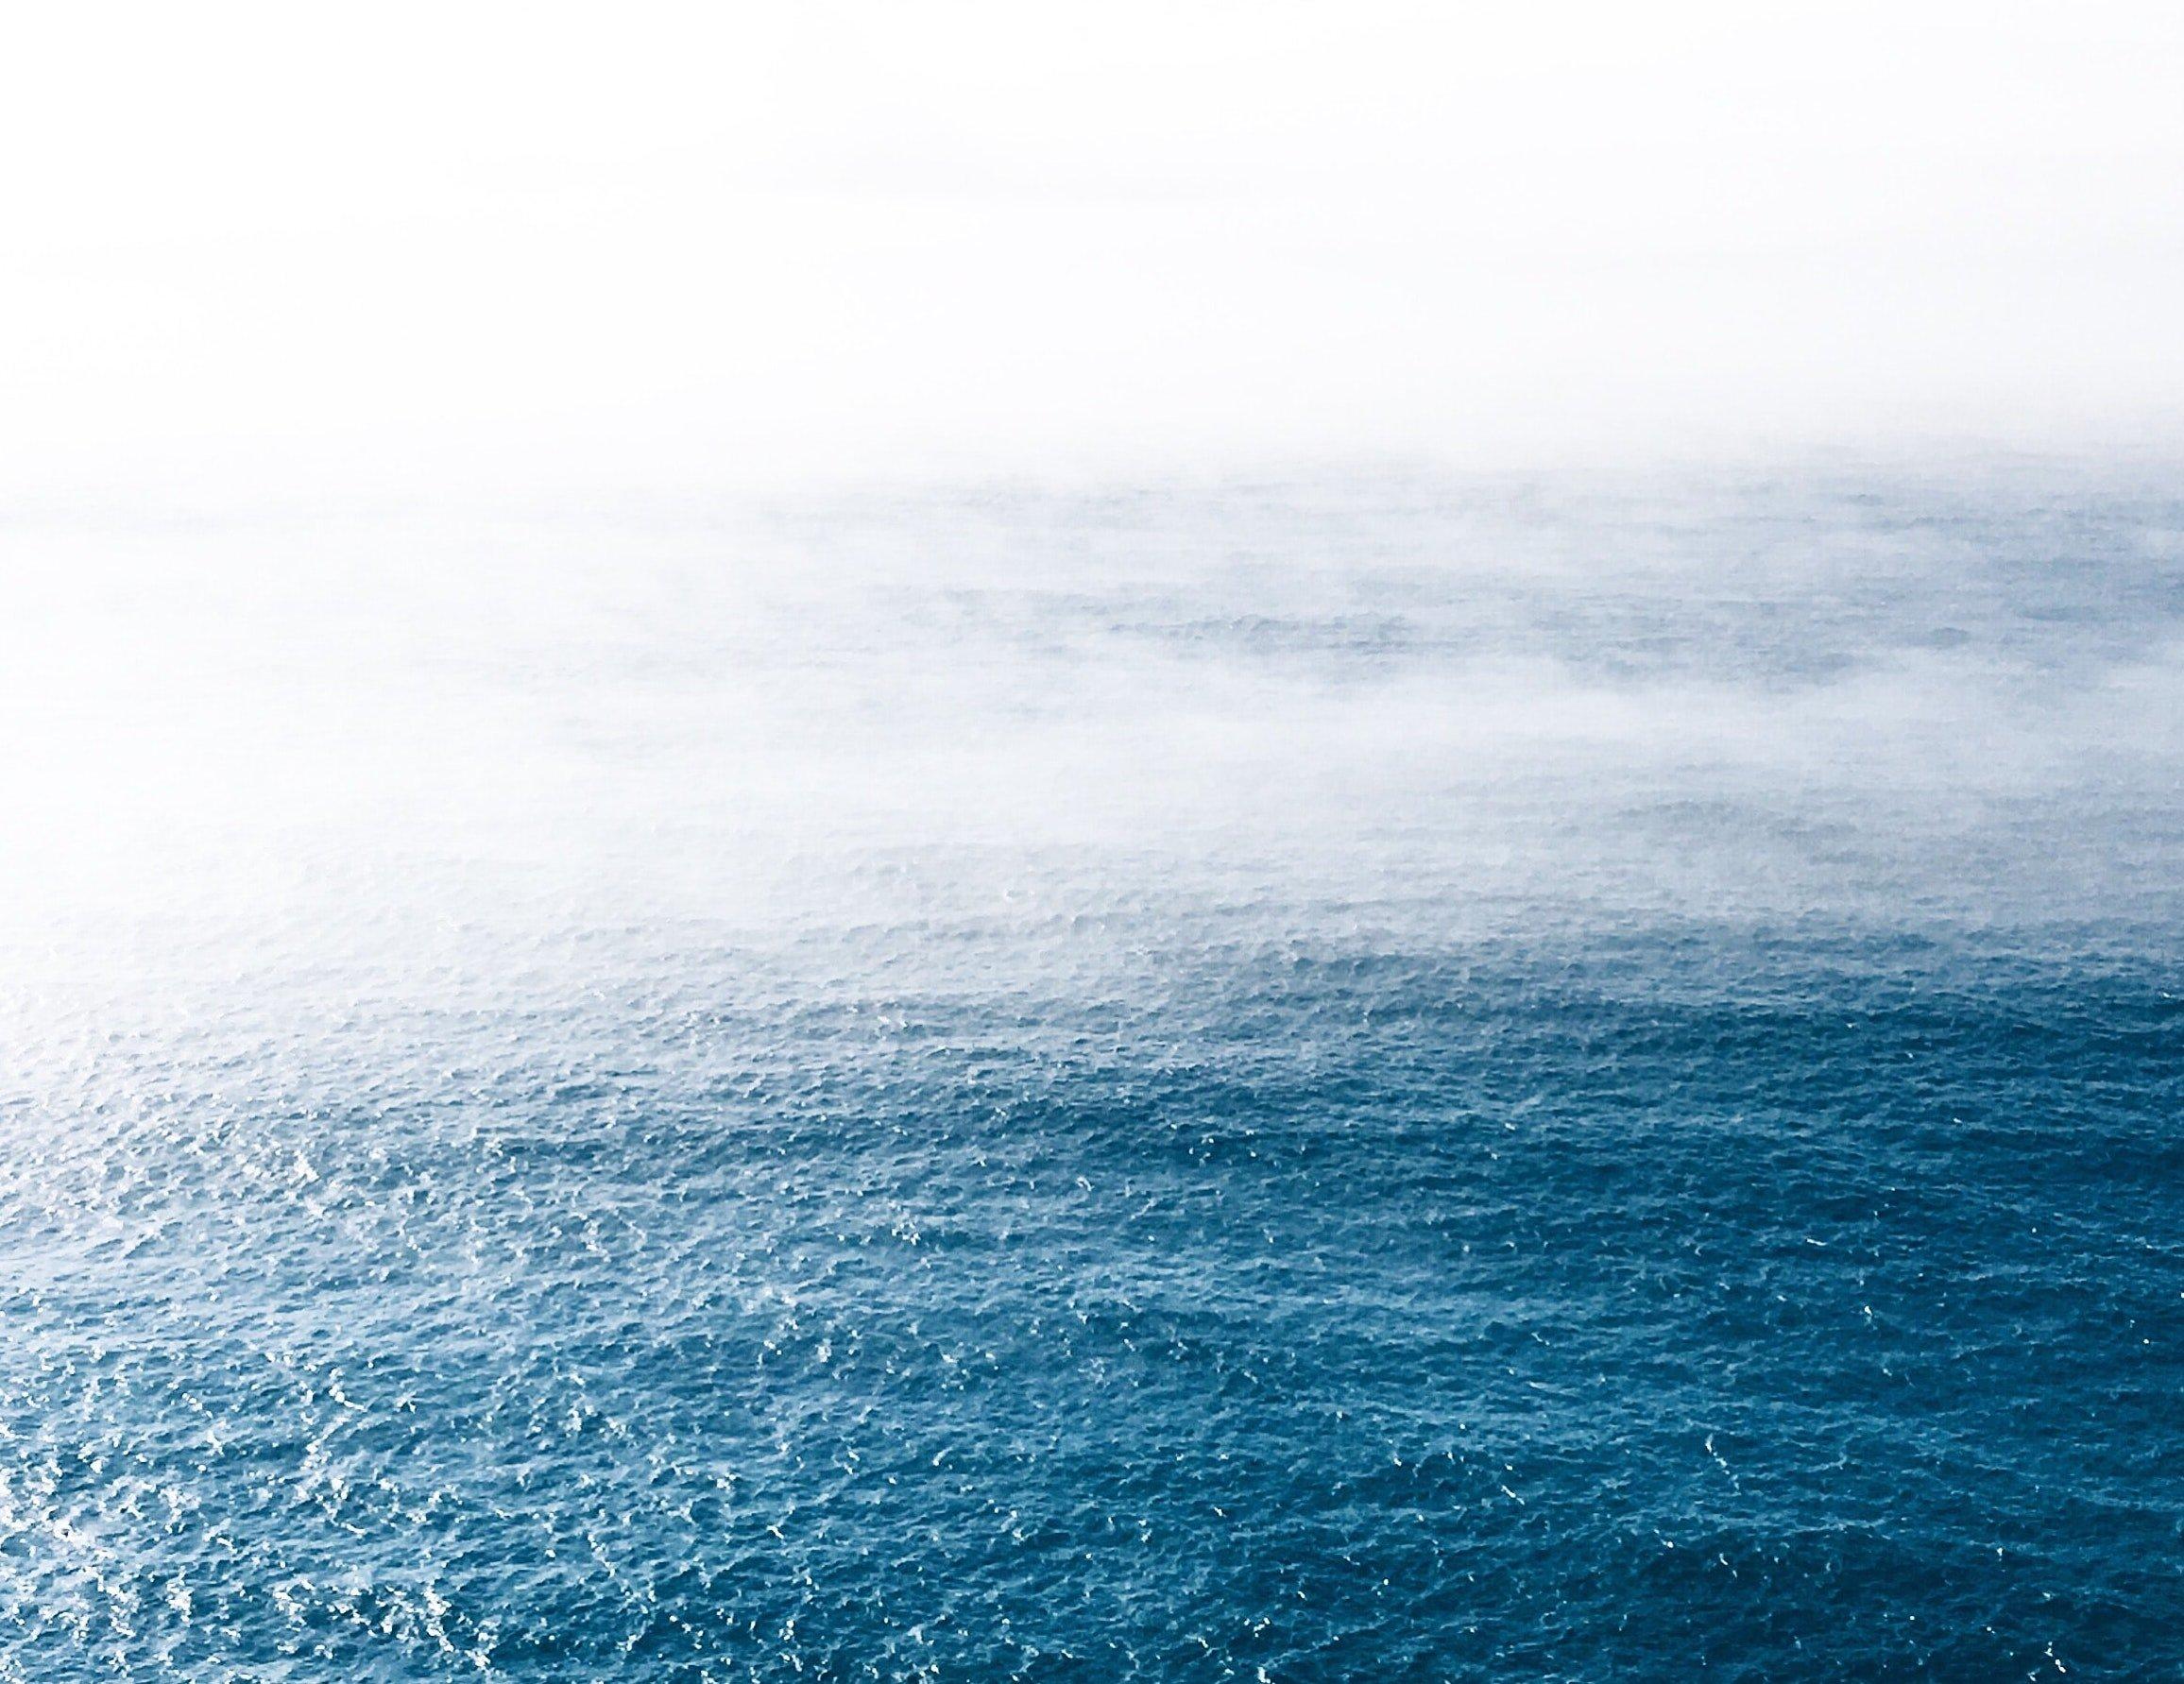 Outside: The entire dead ocean, emptying itself